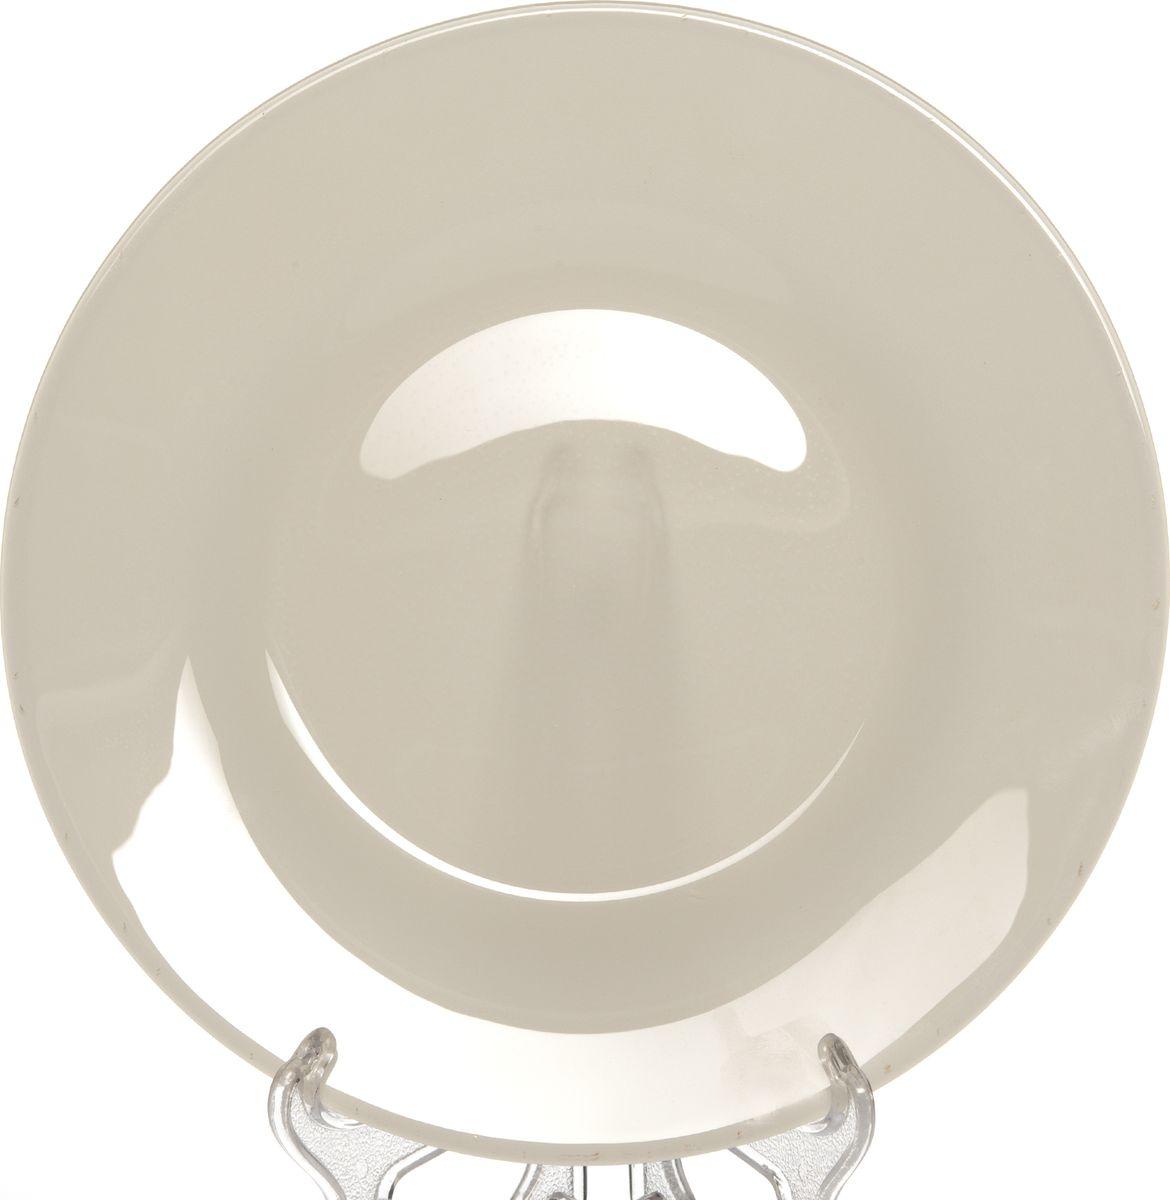 Тарелка Pasabahce БОХО, цвет: бежевый, диаметр 26 см10328SLBD46ТарелкаPasabahce БОХО выполнена из качественного стекла.Изящная тарелка прекрасно оформит праздничный стол и порадует вас и ваших гостей изысканным дизайном и формой.